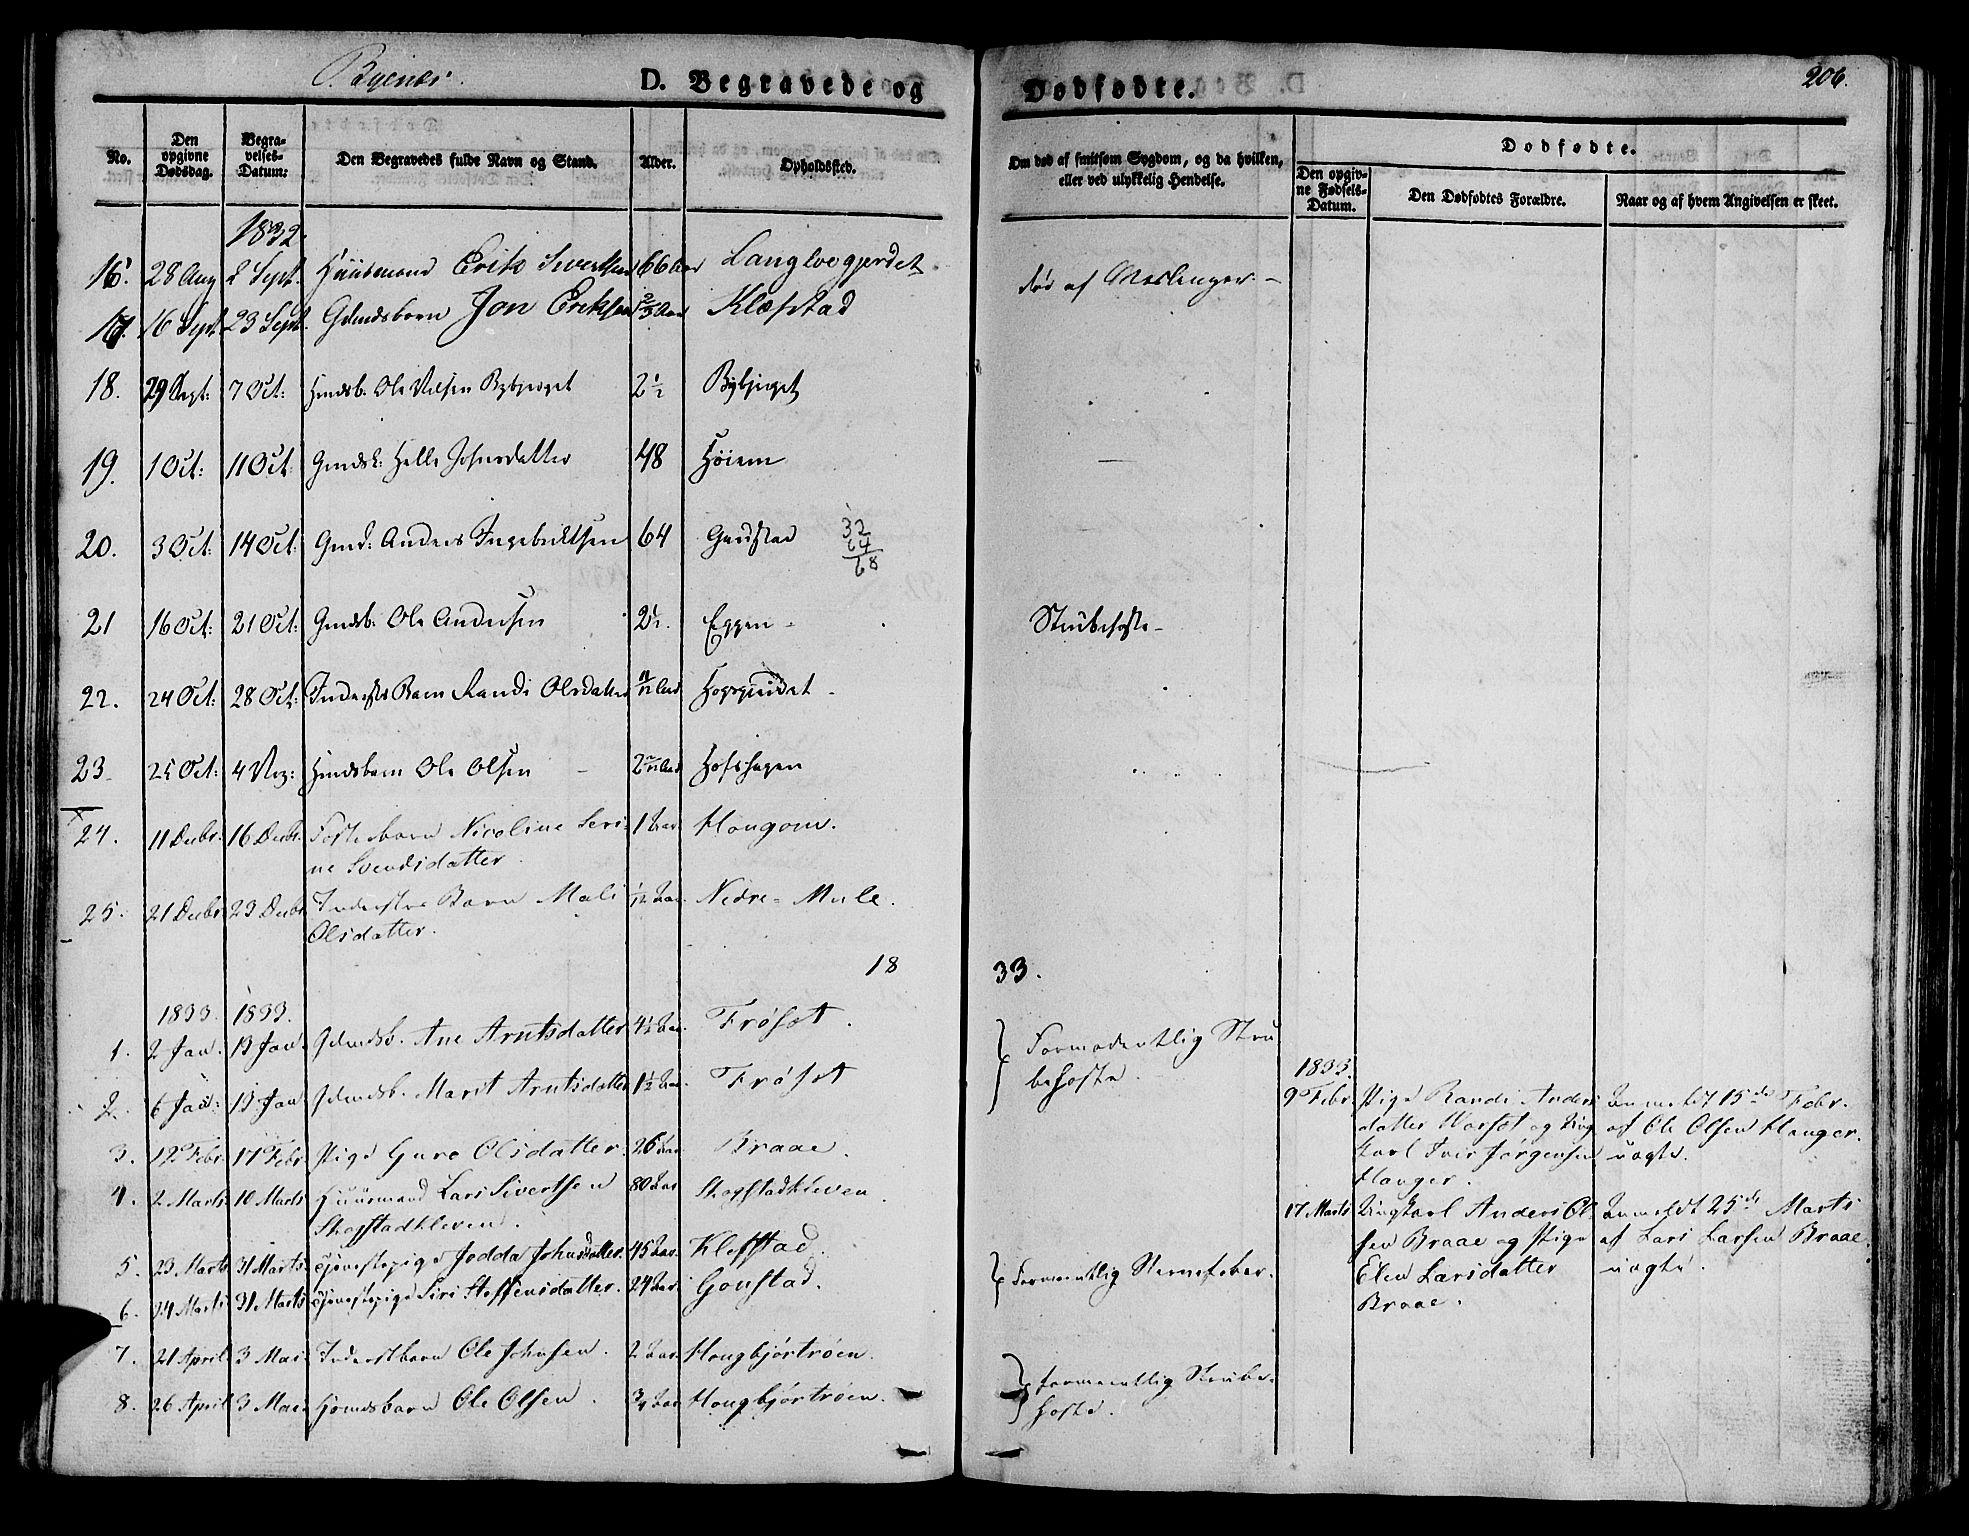 SAT, Ministerialprotokoller, klokkerbøker og fødselsregistre - Sør-Trøndelag, 612/L0374: Ministerialbok nr. 612A07 /1, 1829-1845, s. 206